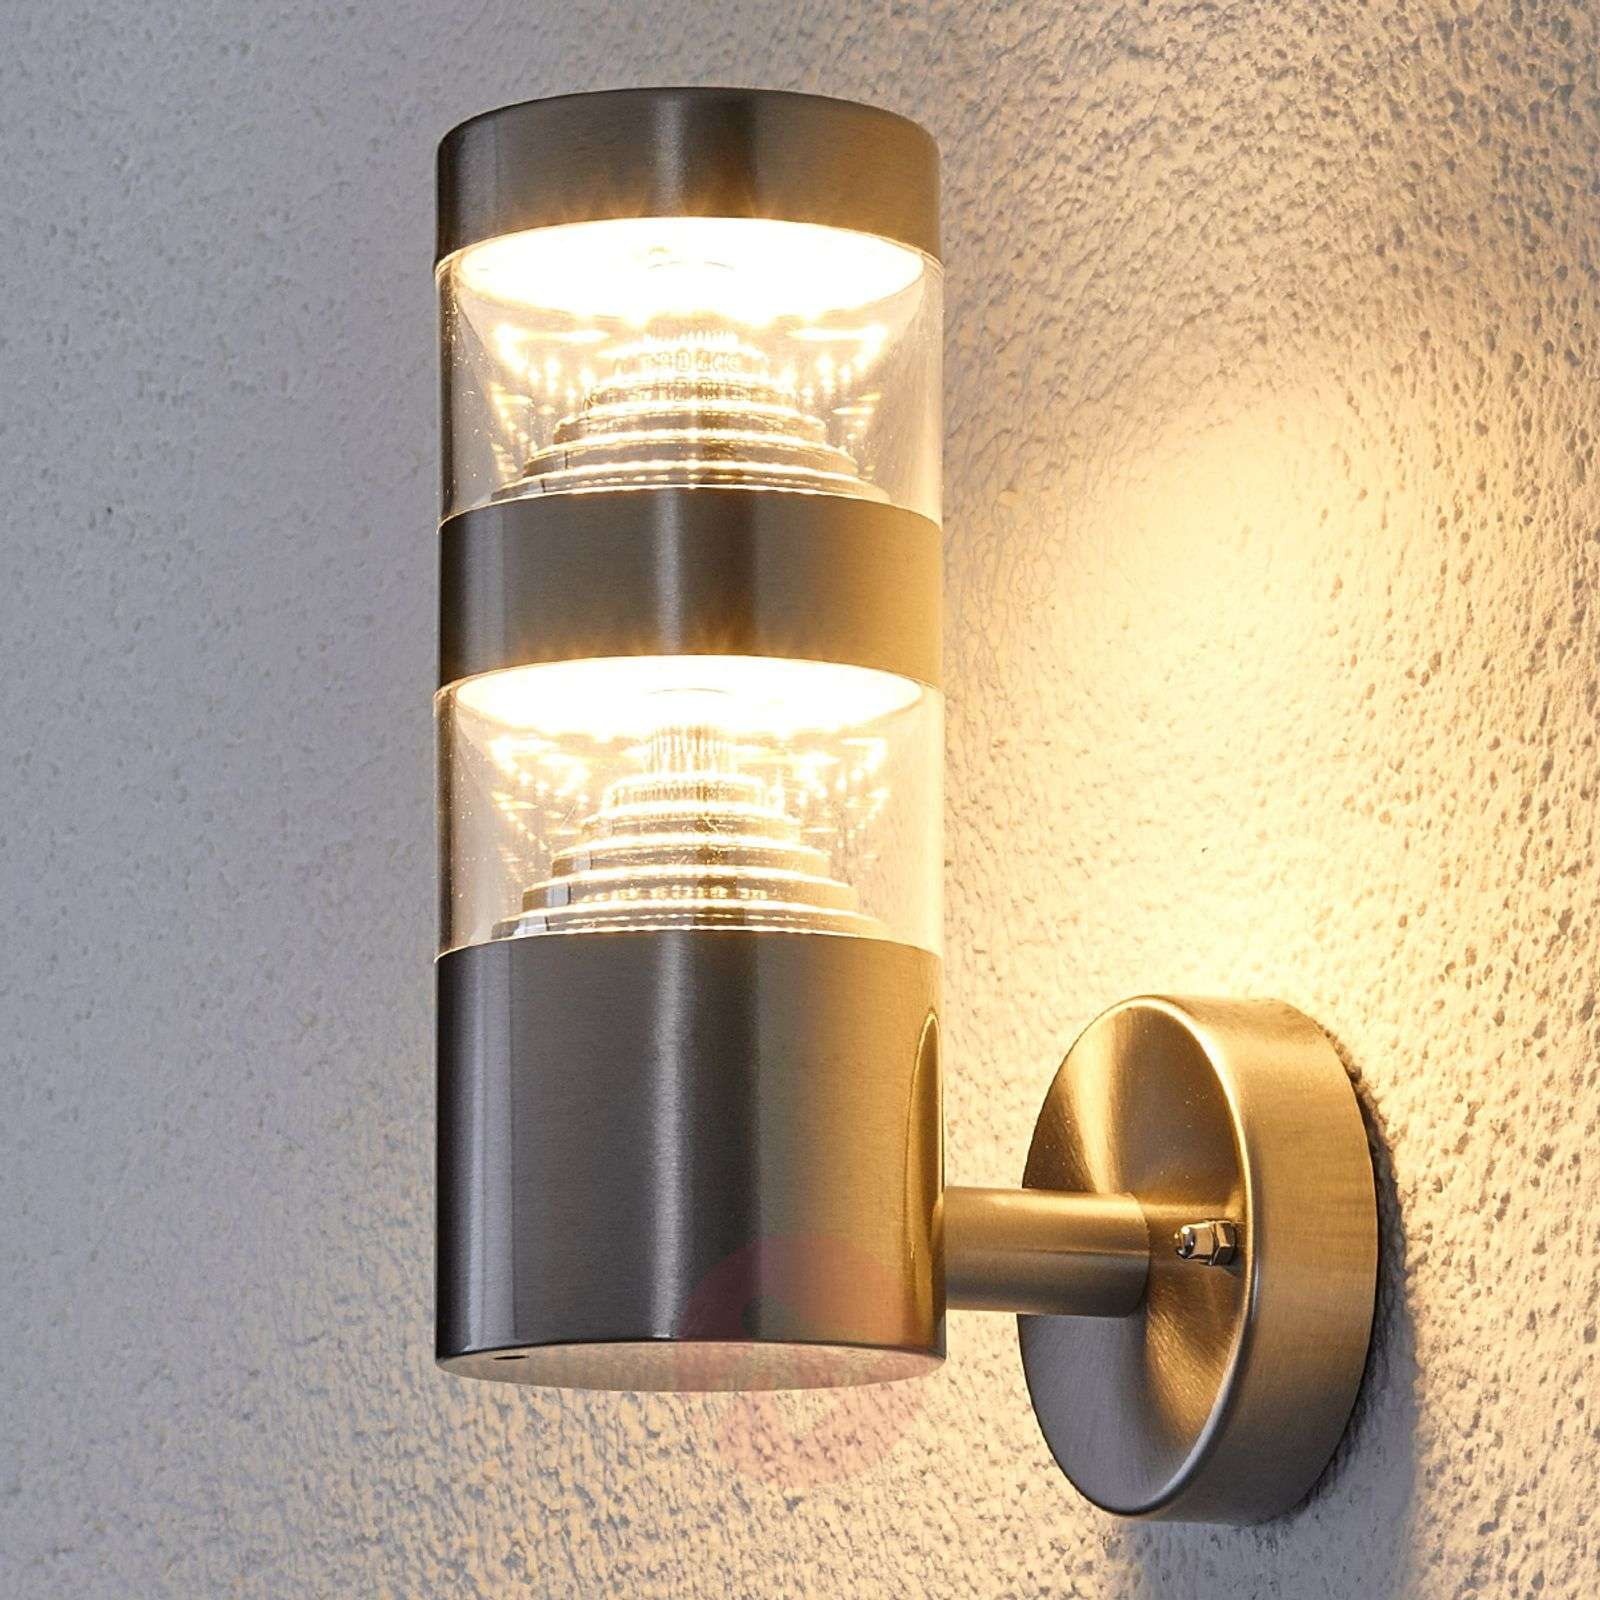 LED-ulkoseinävalaisin Lanea, suora-9988005-01